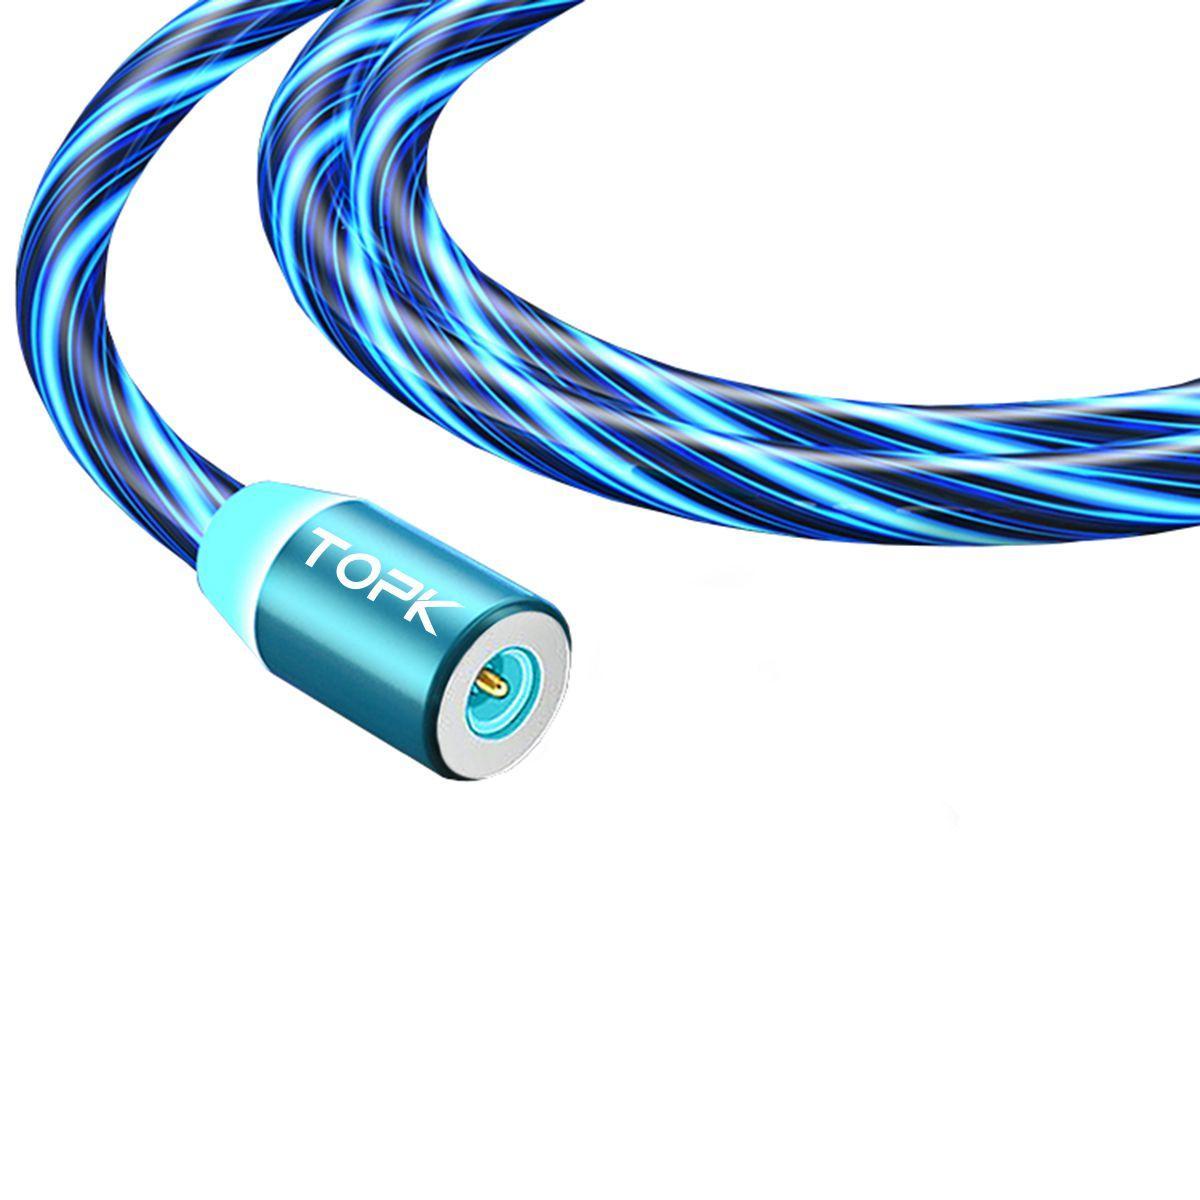 Кабель магнитный USB TOPK (LED Z-line) Micro USB (100 см) Blue